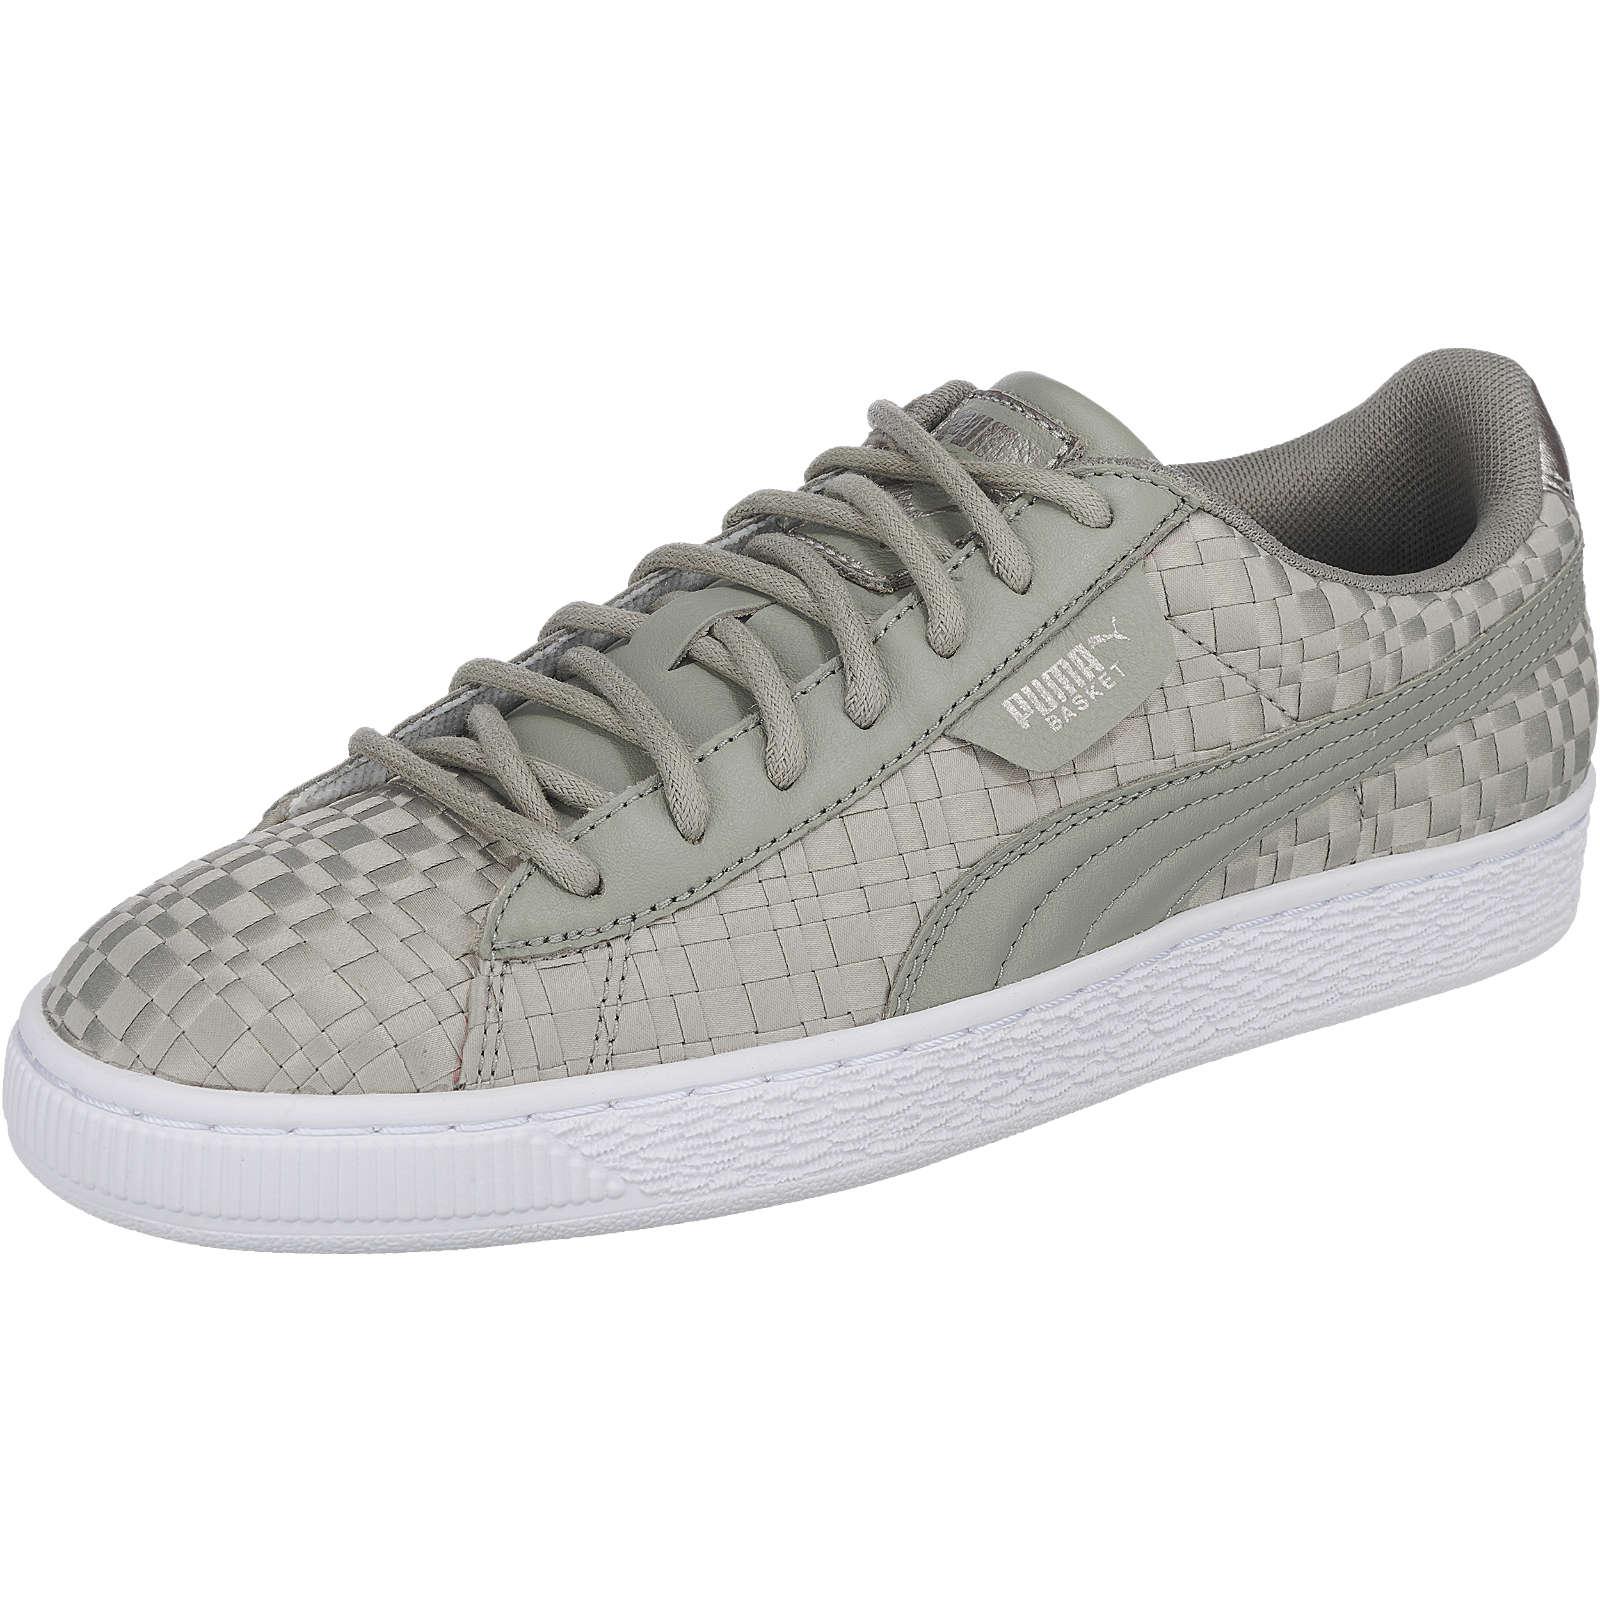 PUMA Basket Satin EP Sneakers grau Damen Gr. 42